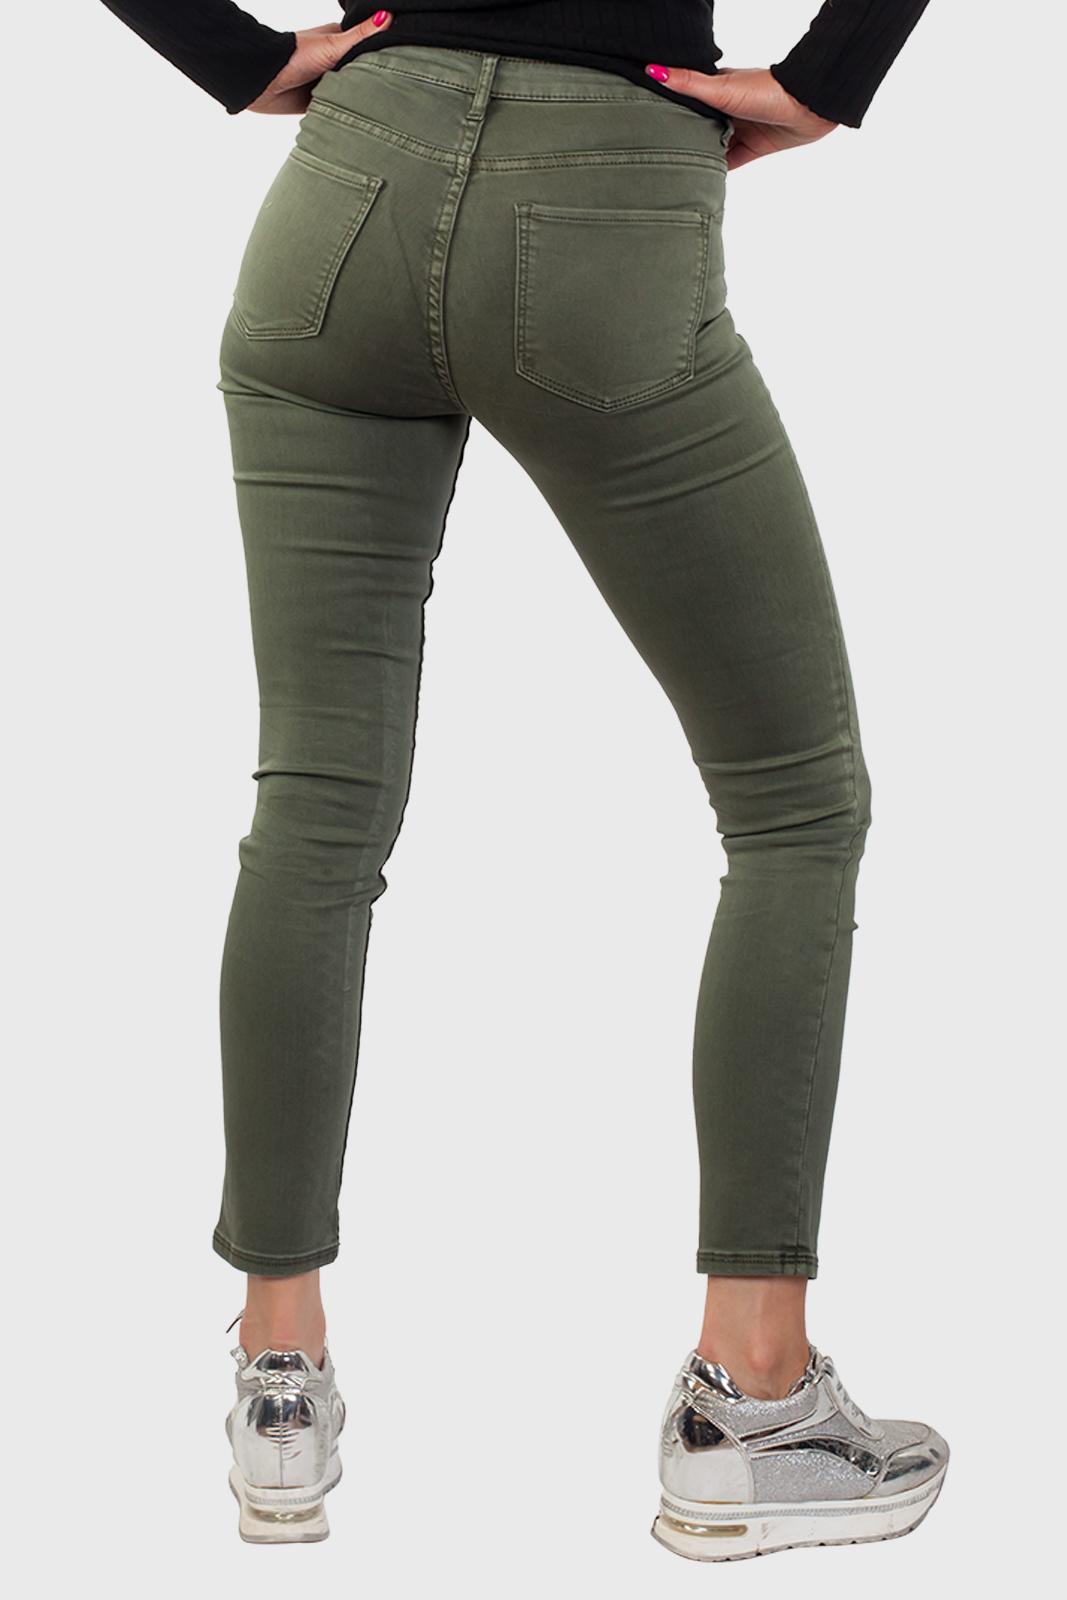 Женские джинсы-стрейч от DENIM (Турция) оптом